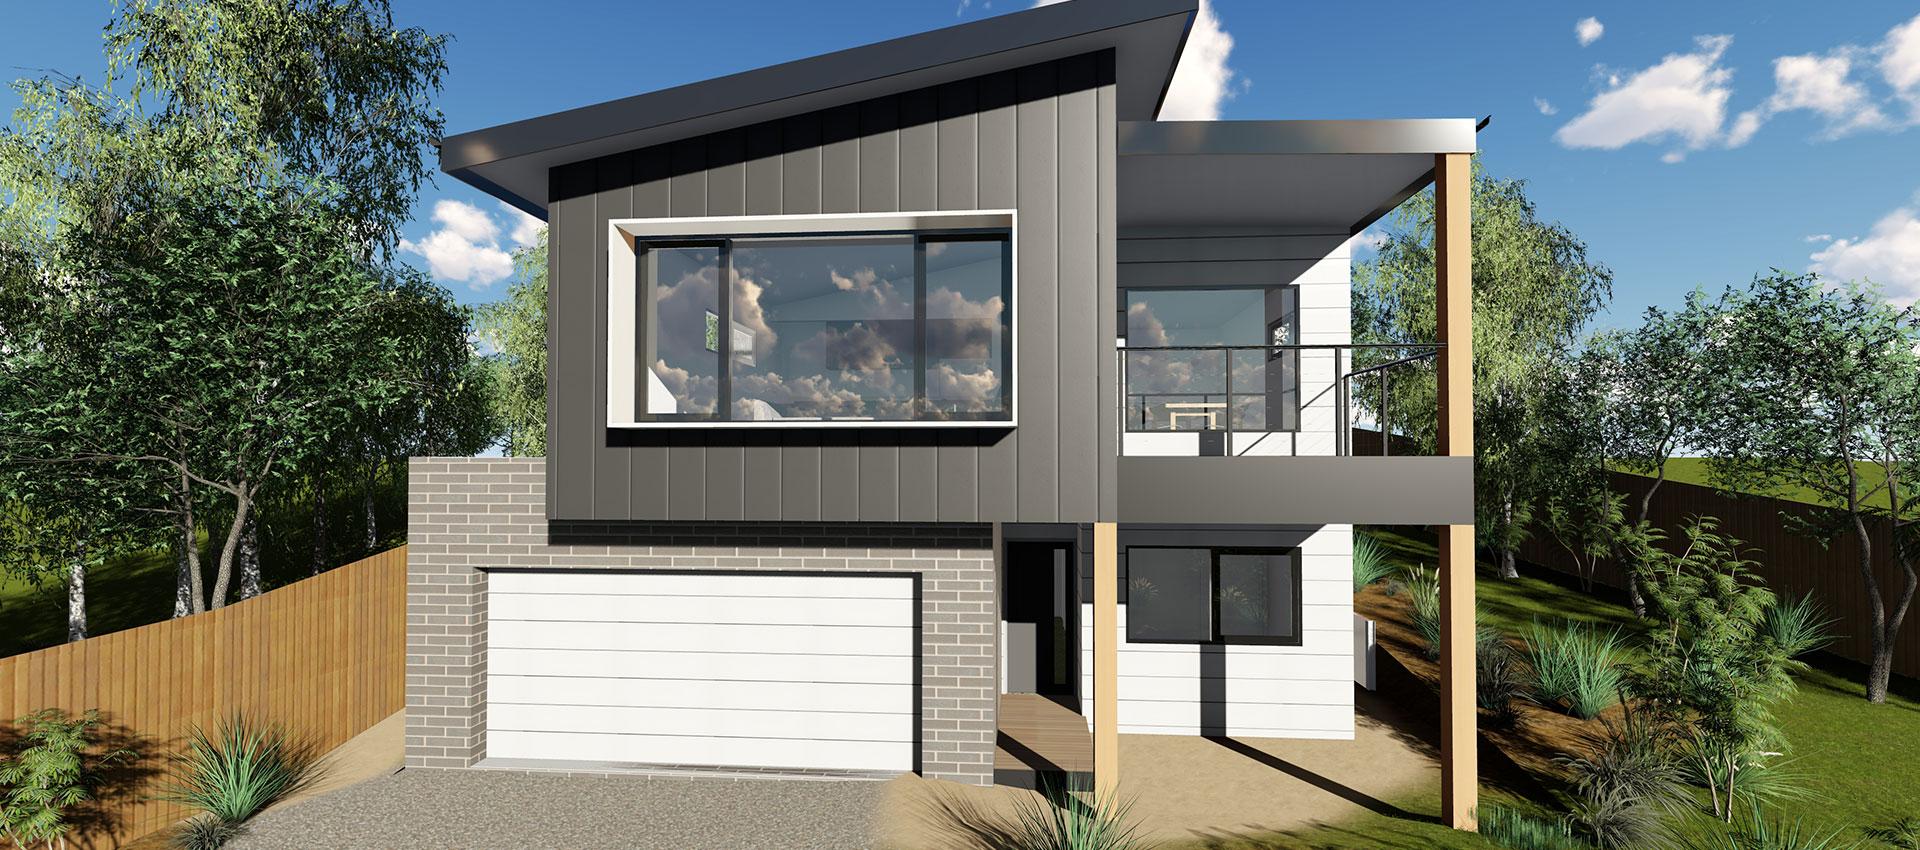 The Barrabool 22 Home Design Geelong Torquay